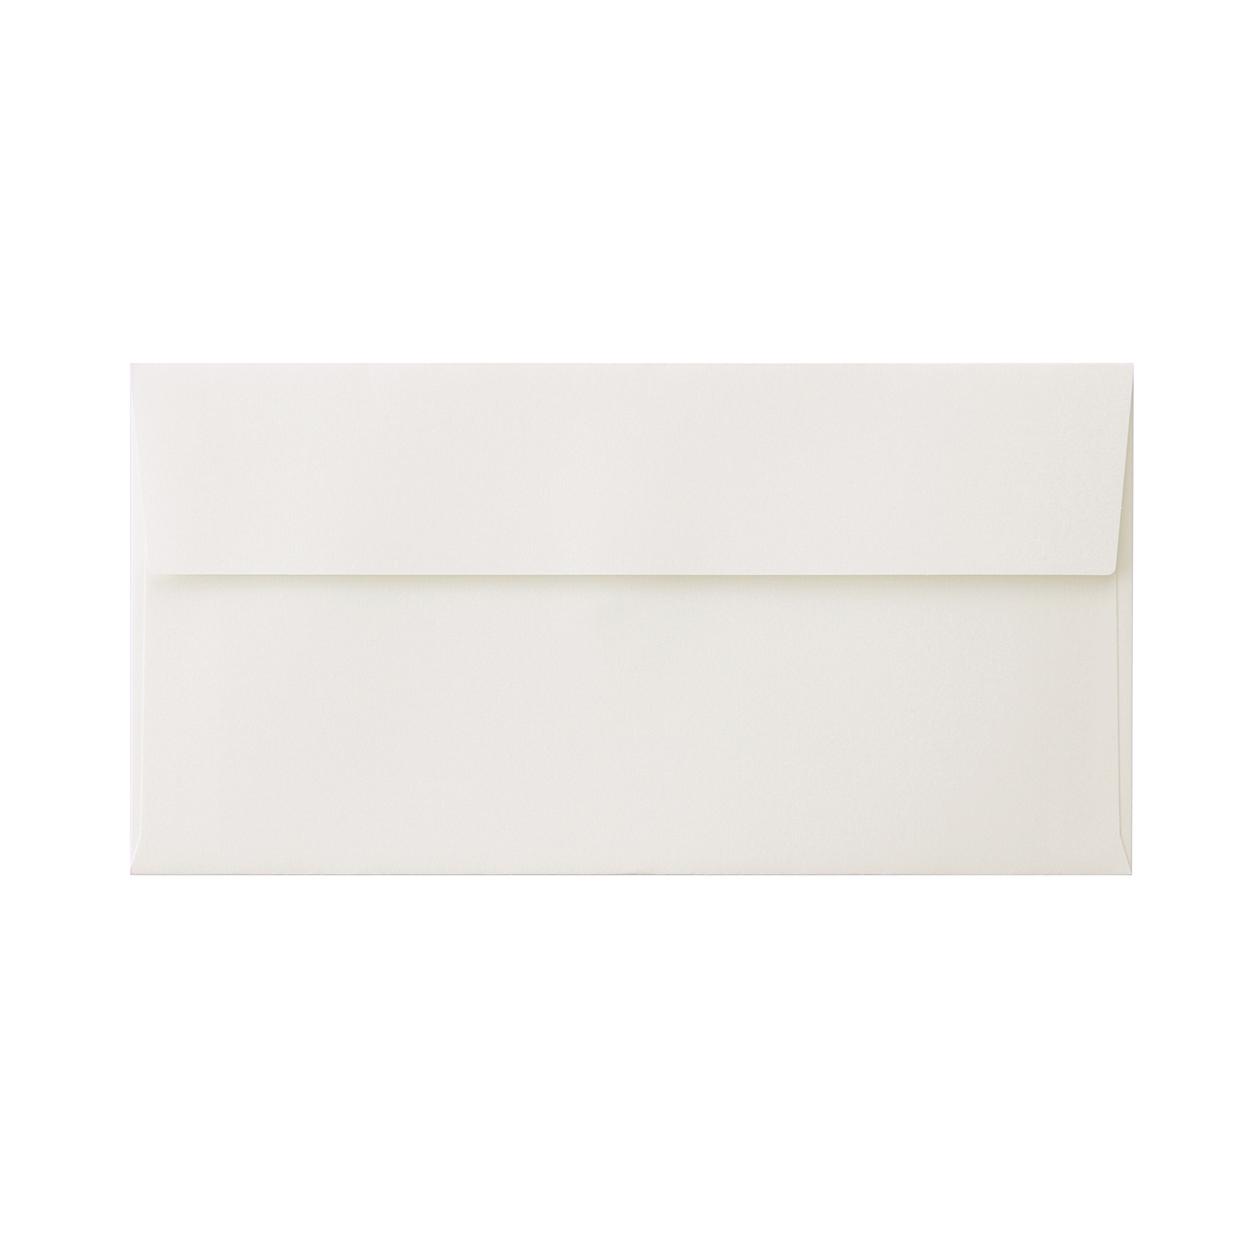 長3カマス封筒 コットン スノーホワイト 116.3g